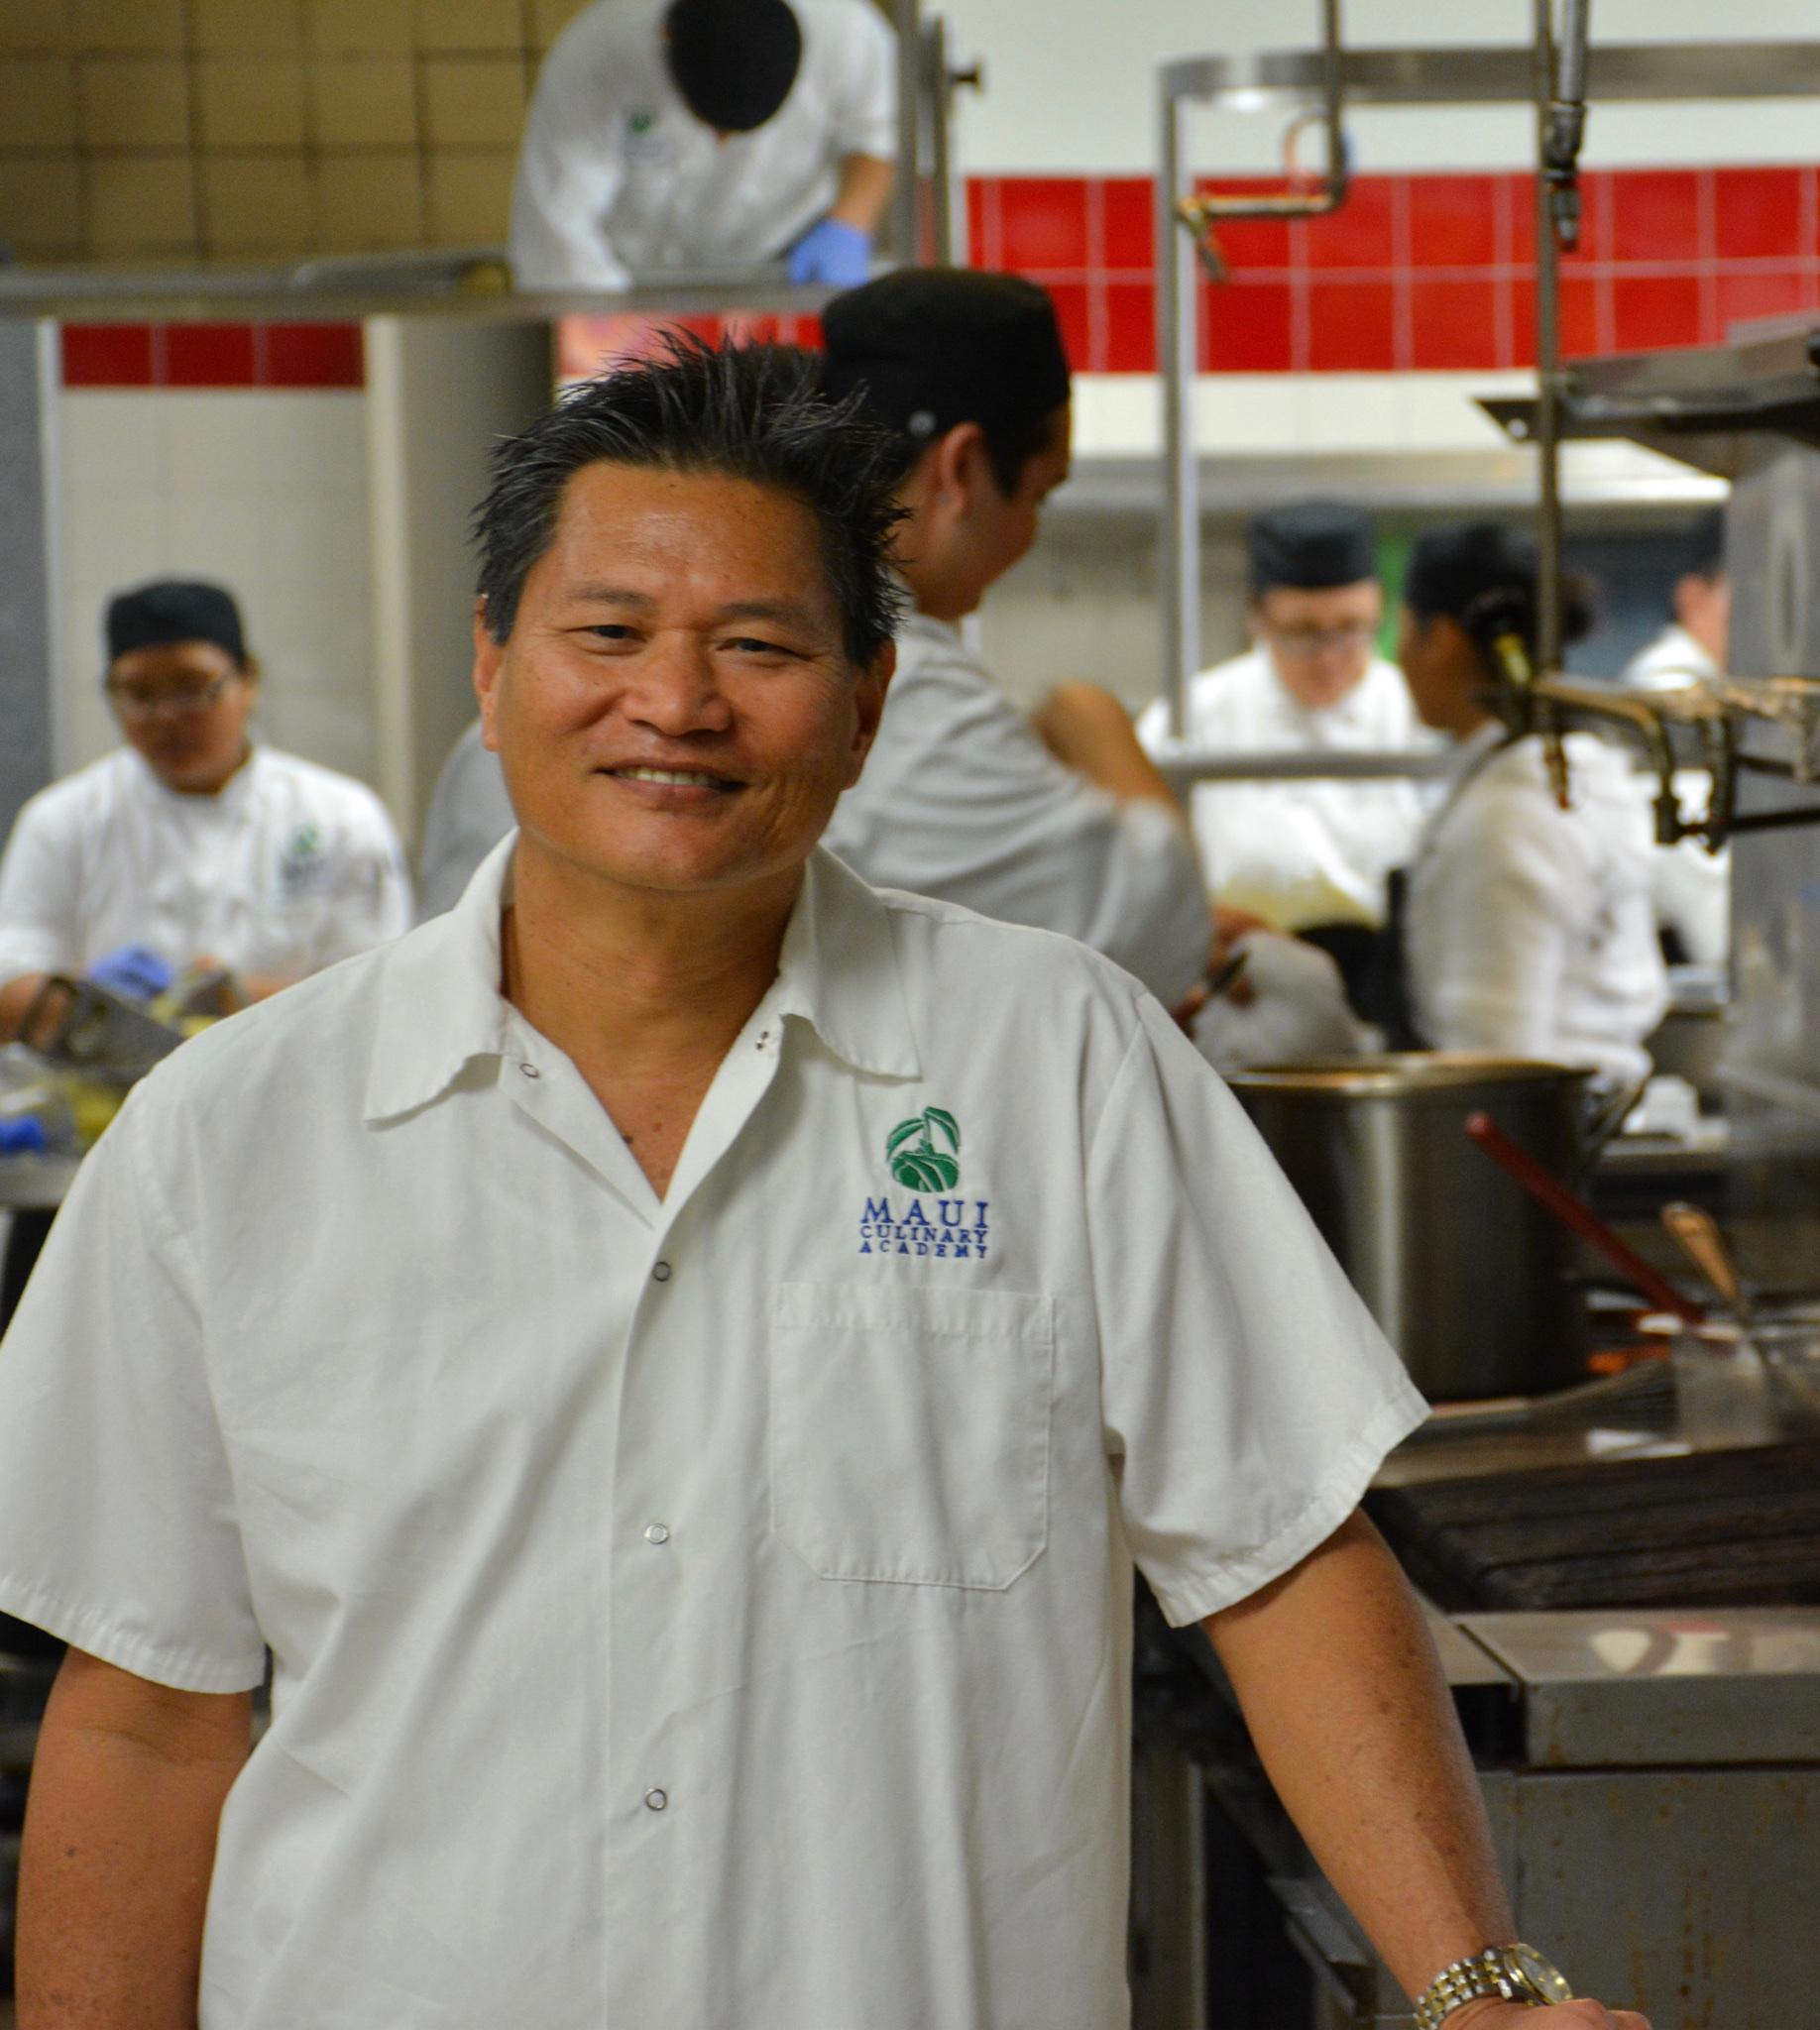 Chef Dean Louie